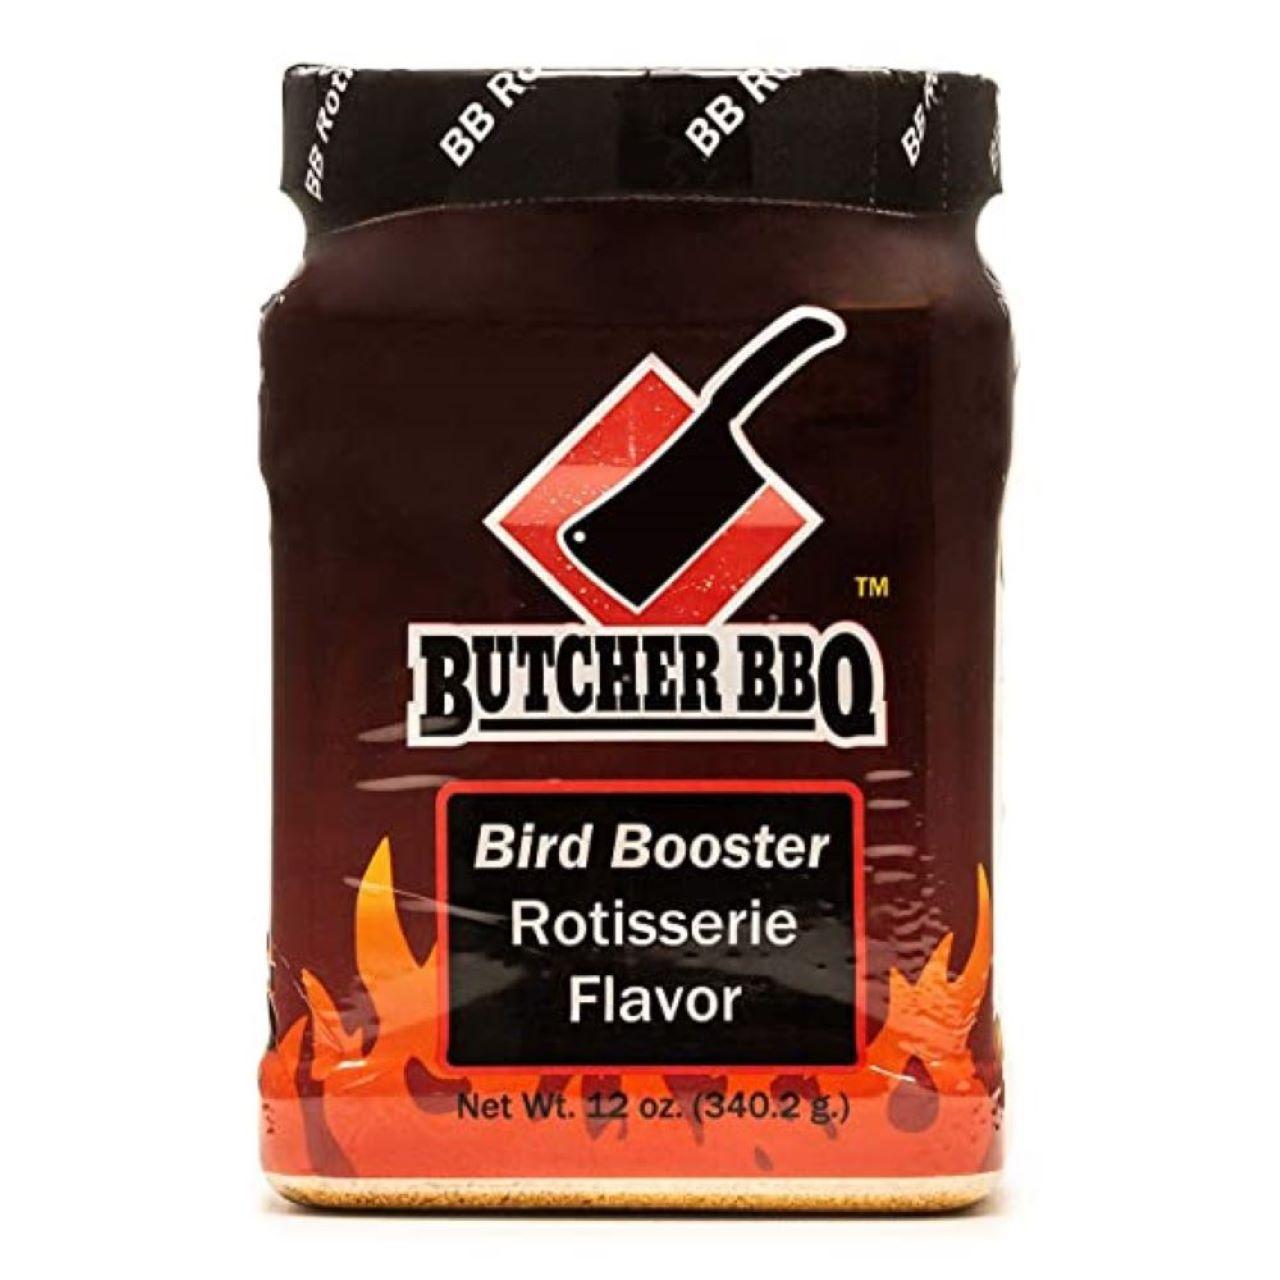 Butcher BBQ 12oz Bird Booster Rotisserie Flavor Powder Injection Marinade